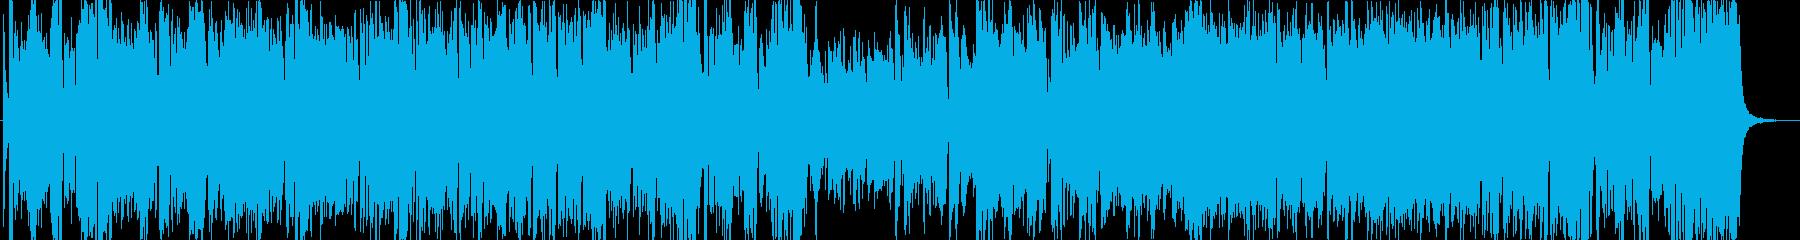 勢いのあるエキサイティングなビッグバンドの再生済みの波形